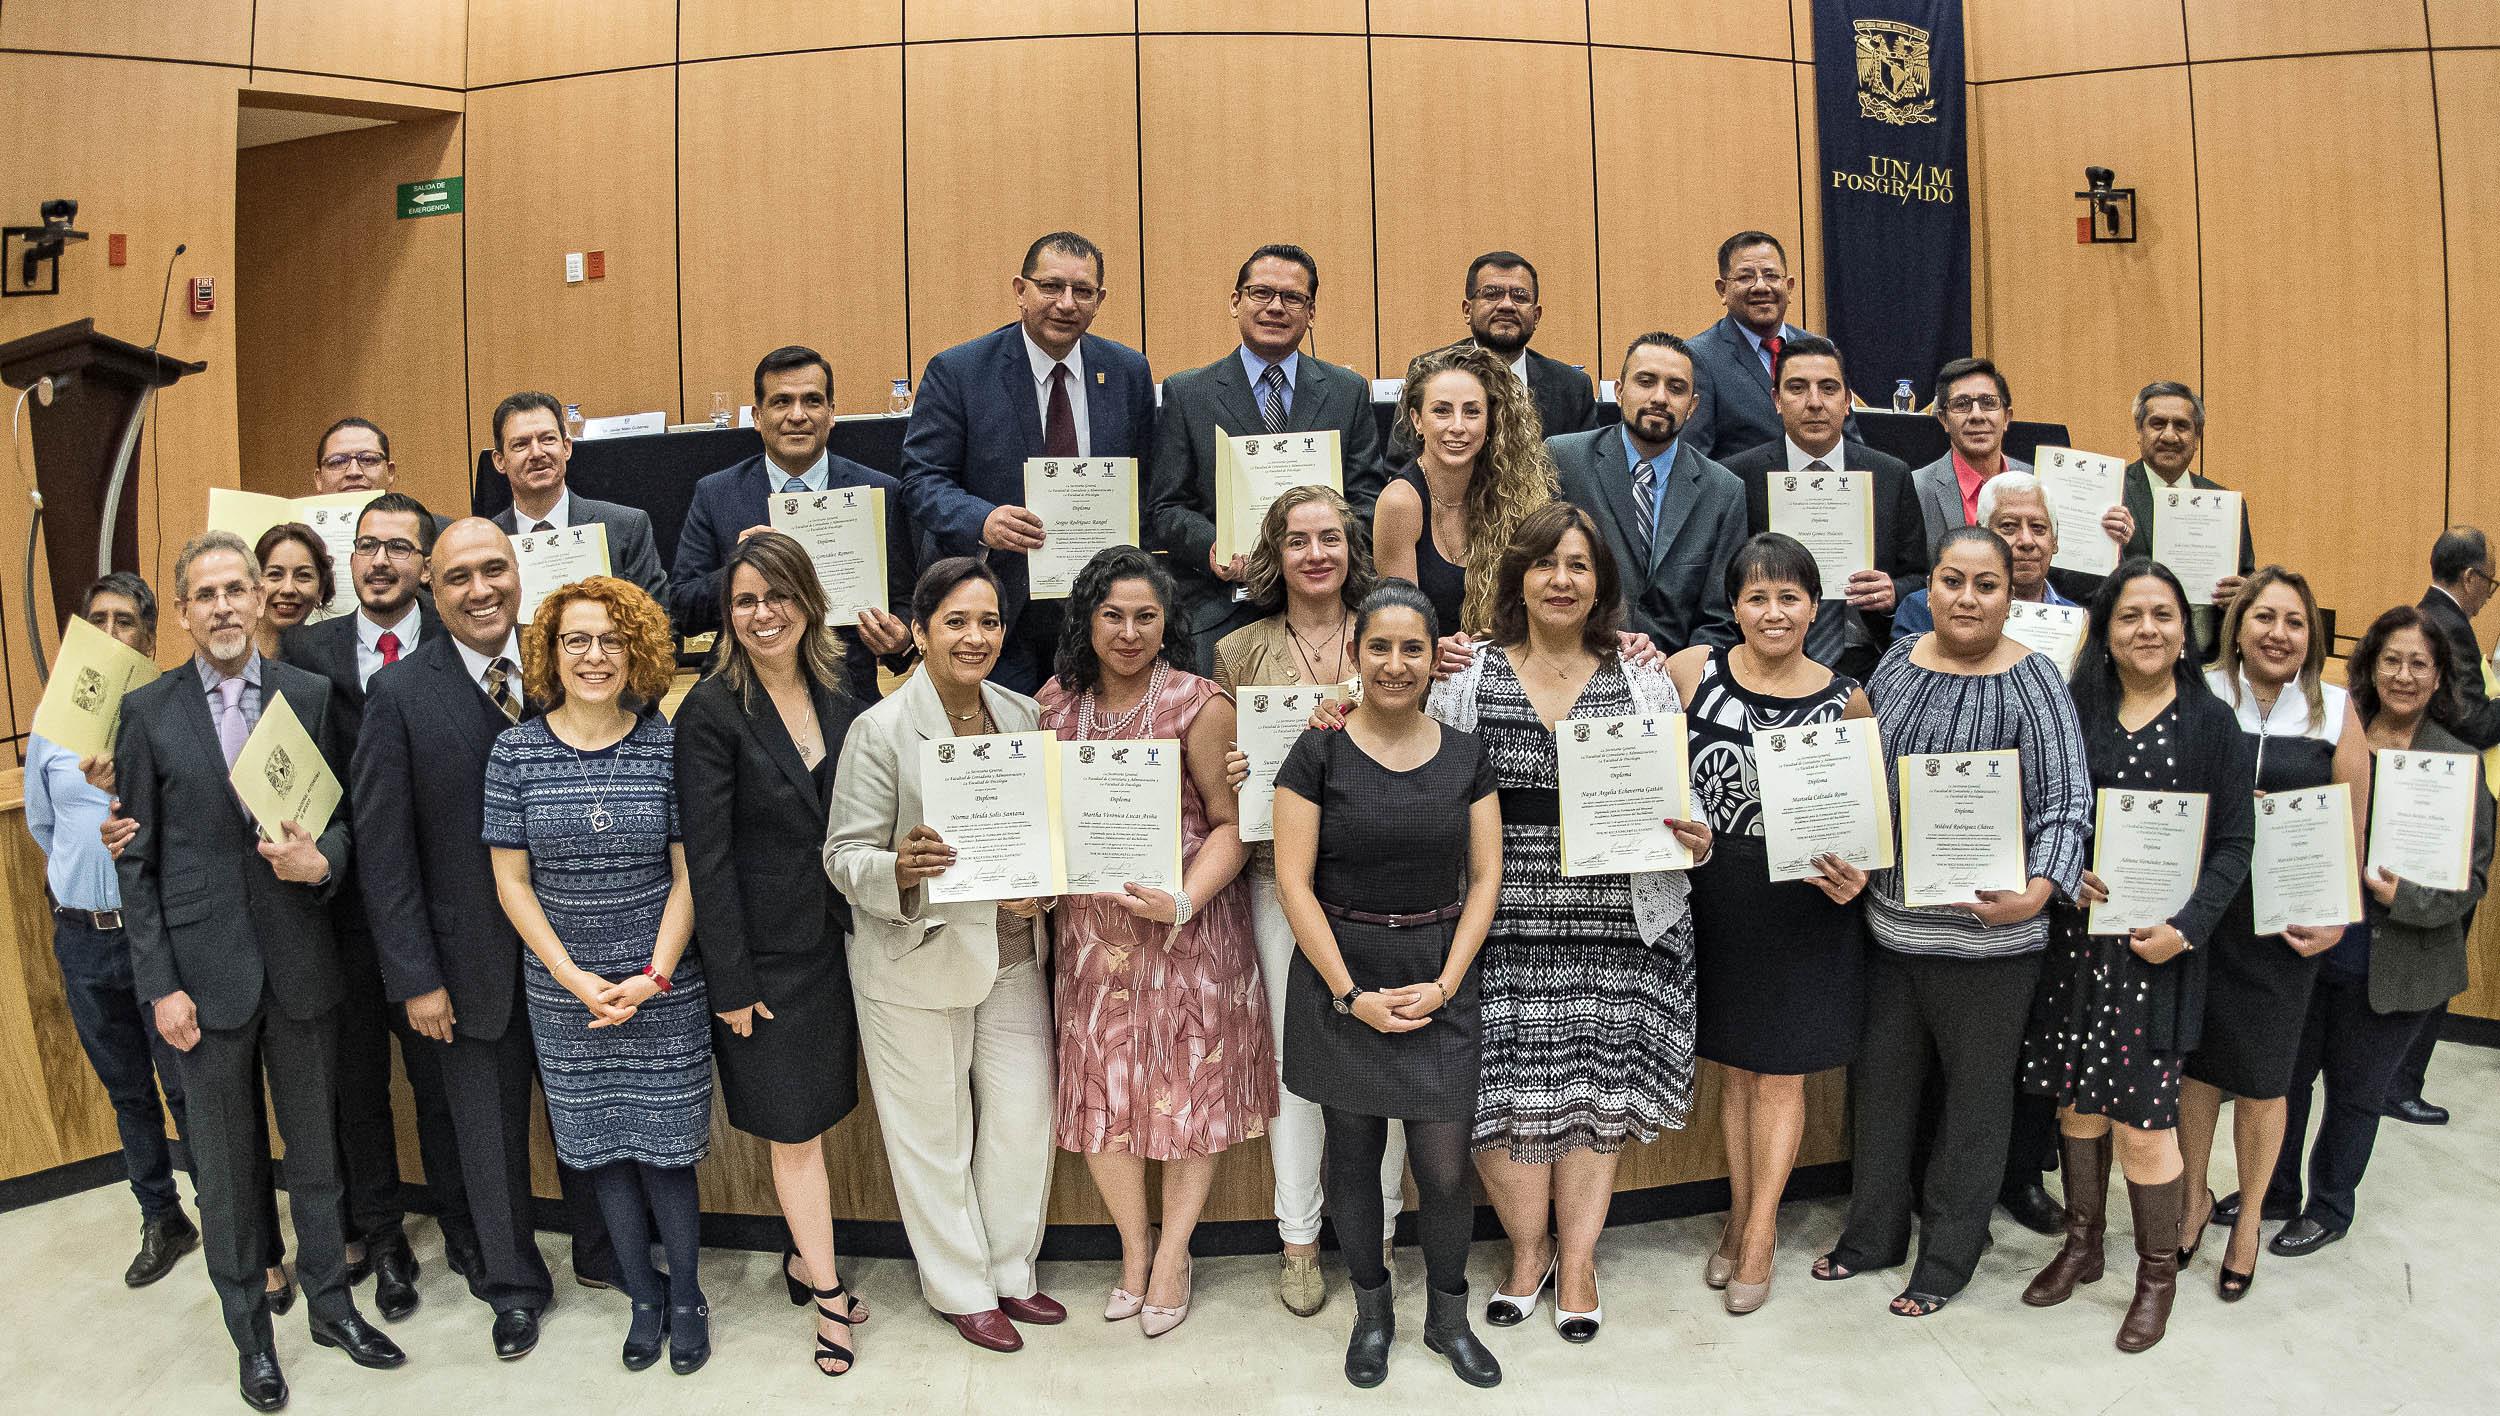 Tiene la UNAM Personal Académico Administrativo del Bachillerato mejor preparado